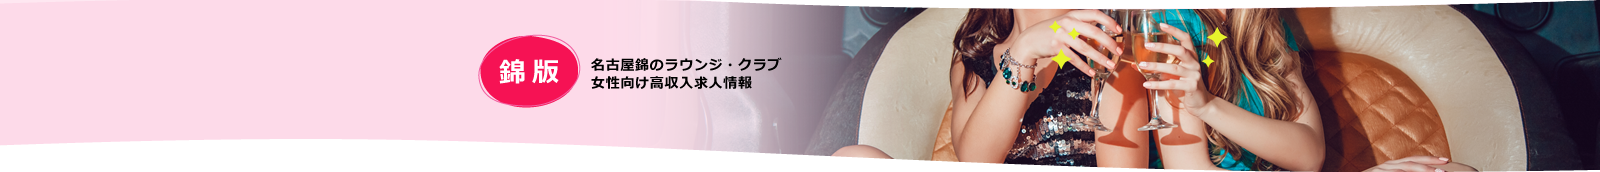 名古屋錦のラウンジ・クラブ。女性向け高収入求人情報はバイトスカウト 名古屋!